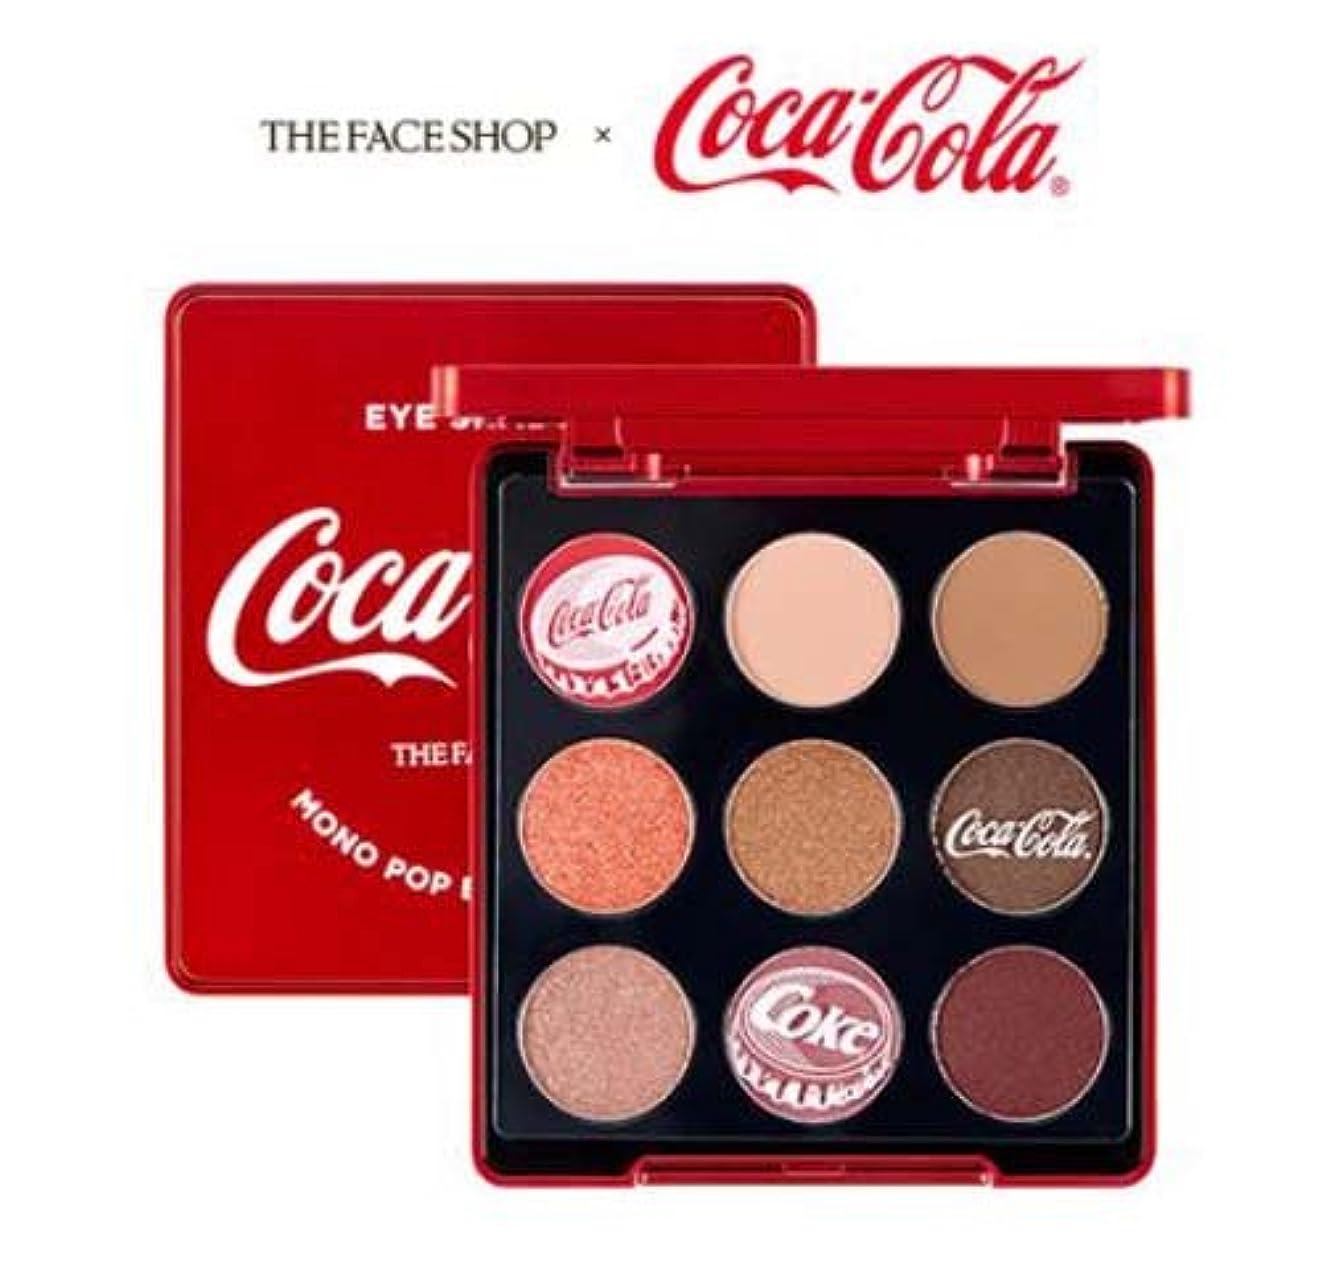 流暢インフレーション磁石[ザ?フェイスショップ] THE FACE SHOP [モノ ポップ アイズ シャドーパレット(9色) - コカ?コーラ限定版] (Mono Pop Eyes - Coca Cola Edition) [海外直送品]